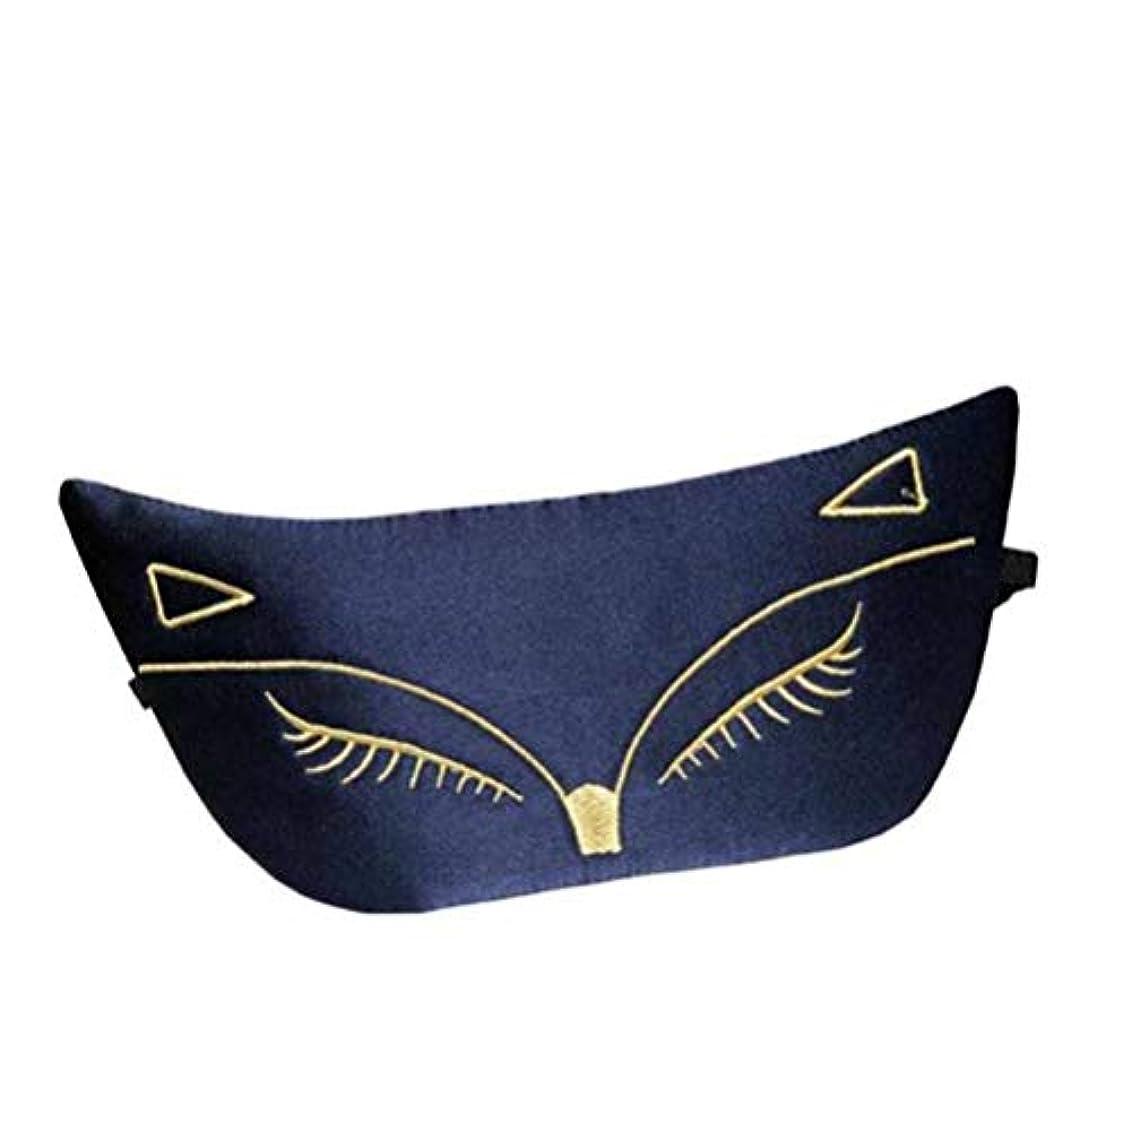 日帰り旅行に検出するポジションSUPVOX シルクスリープアイマスクサンシェードカバー刺繍キツネパターンアイパッチ女性用快適(ダークブルー)